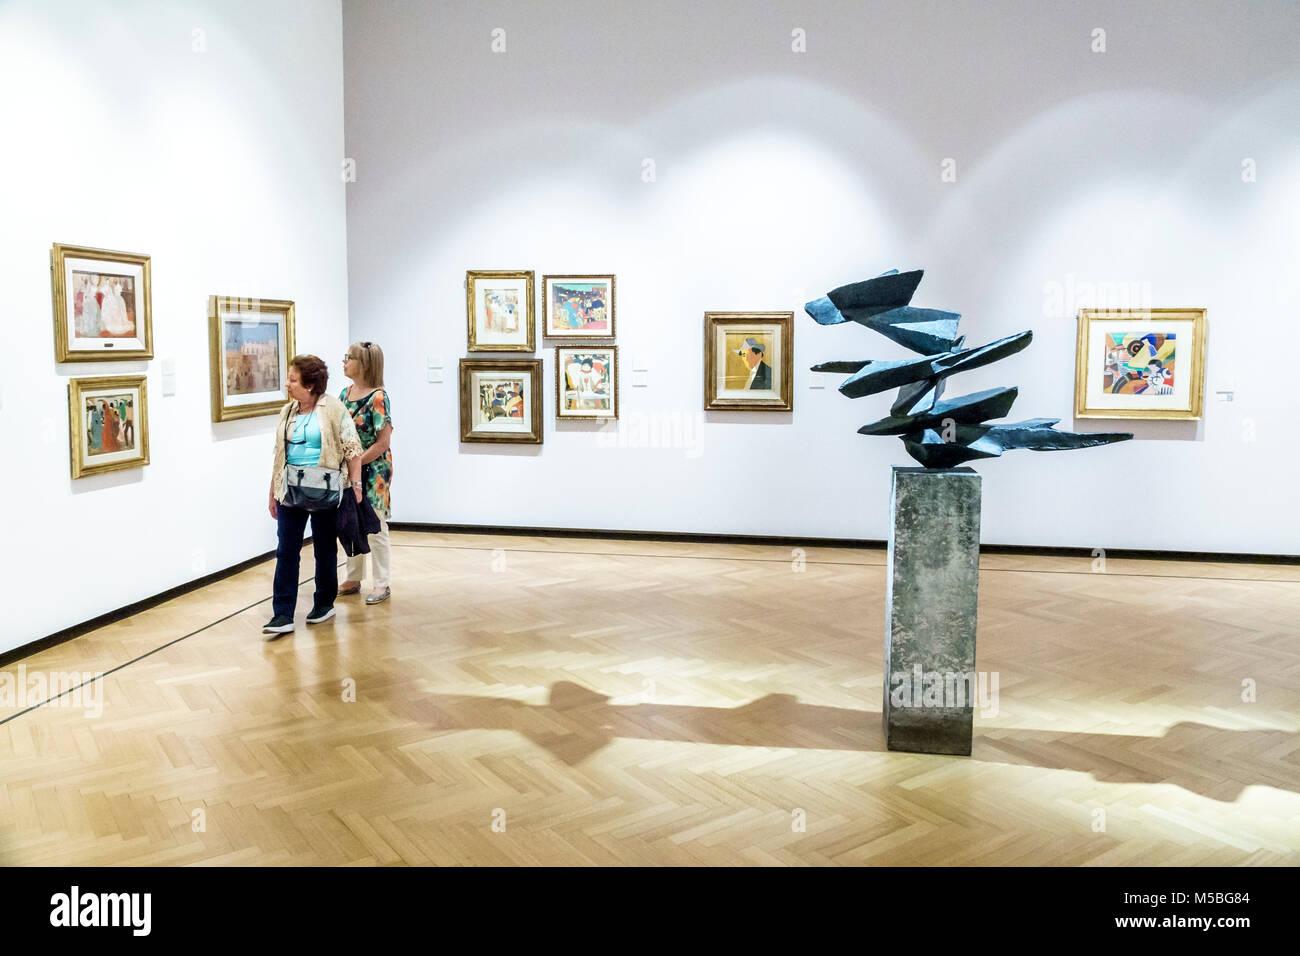 argentine buenos aires recoleta museo nacional de bellas artes muse national des beaux arts galerie intrieur peintures sculpture pablo curatella manes